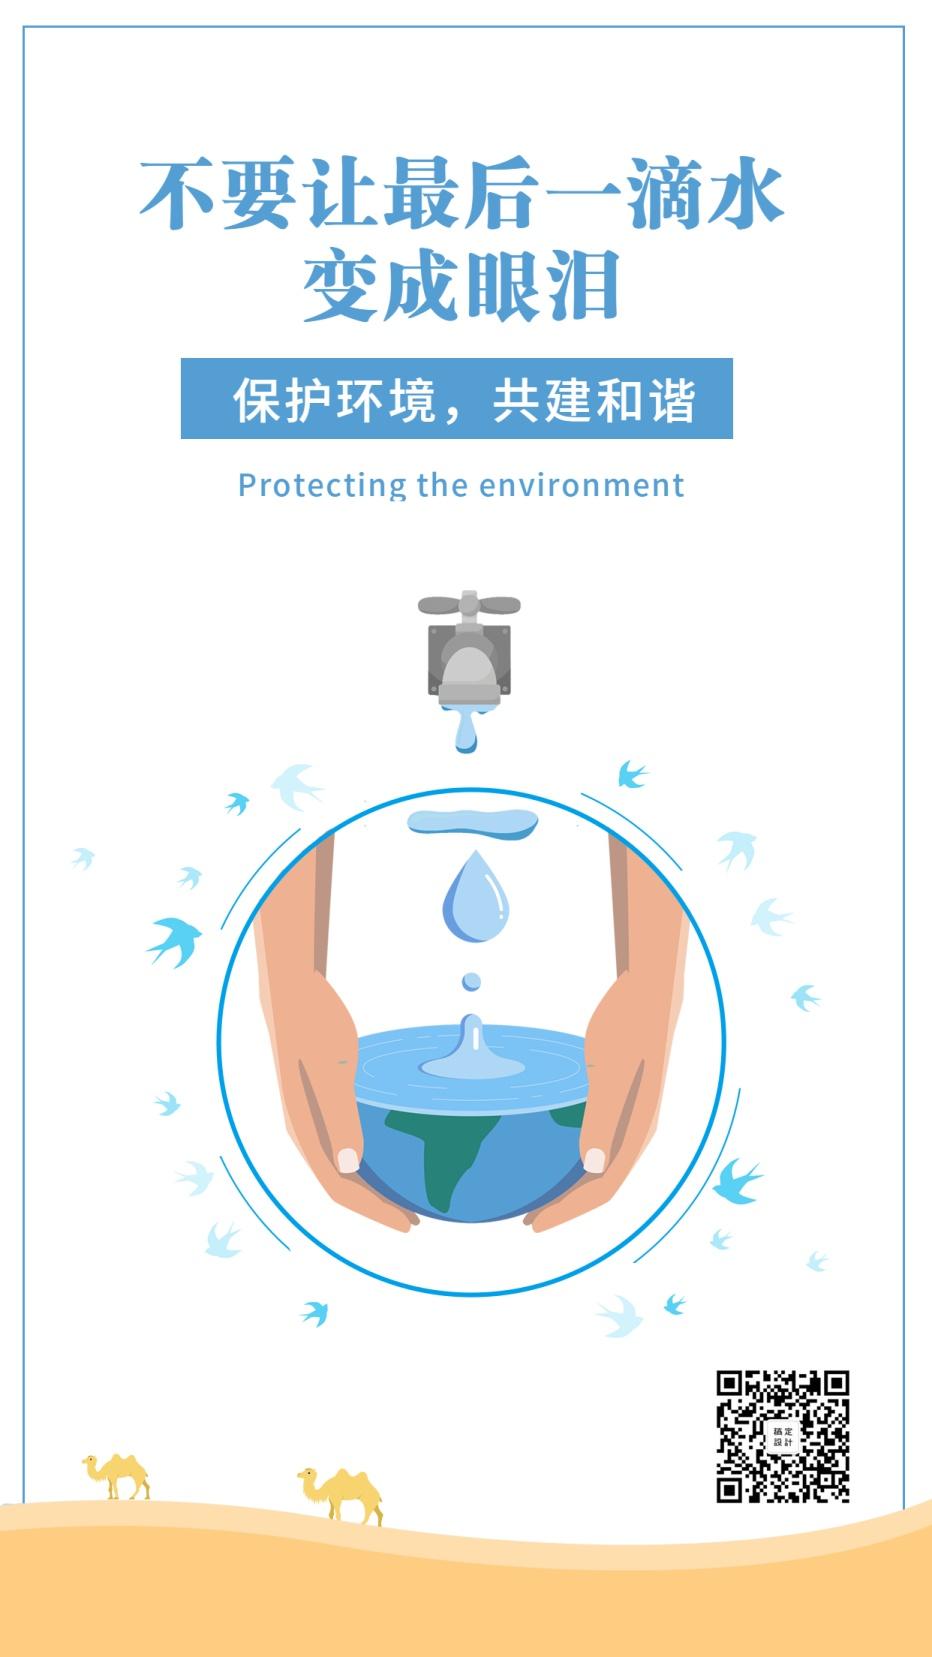 保护环境水资源保护宣传手机海报